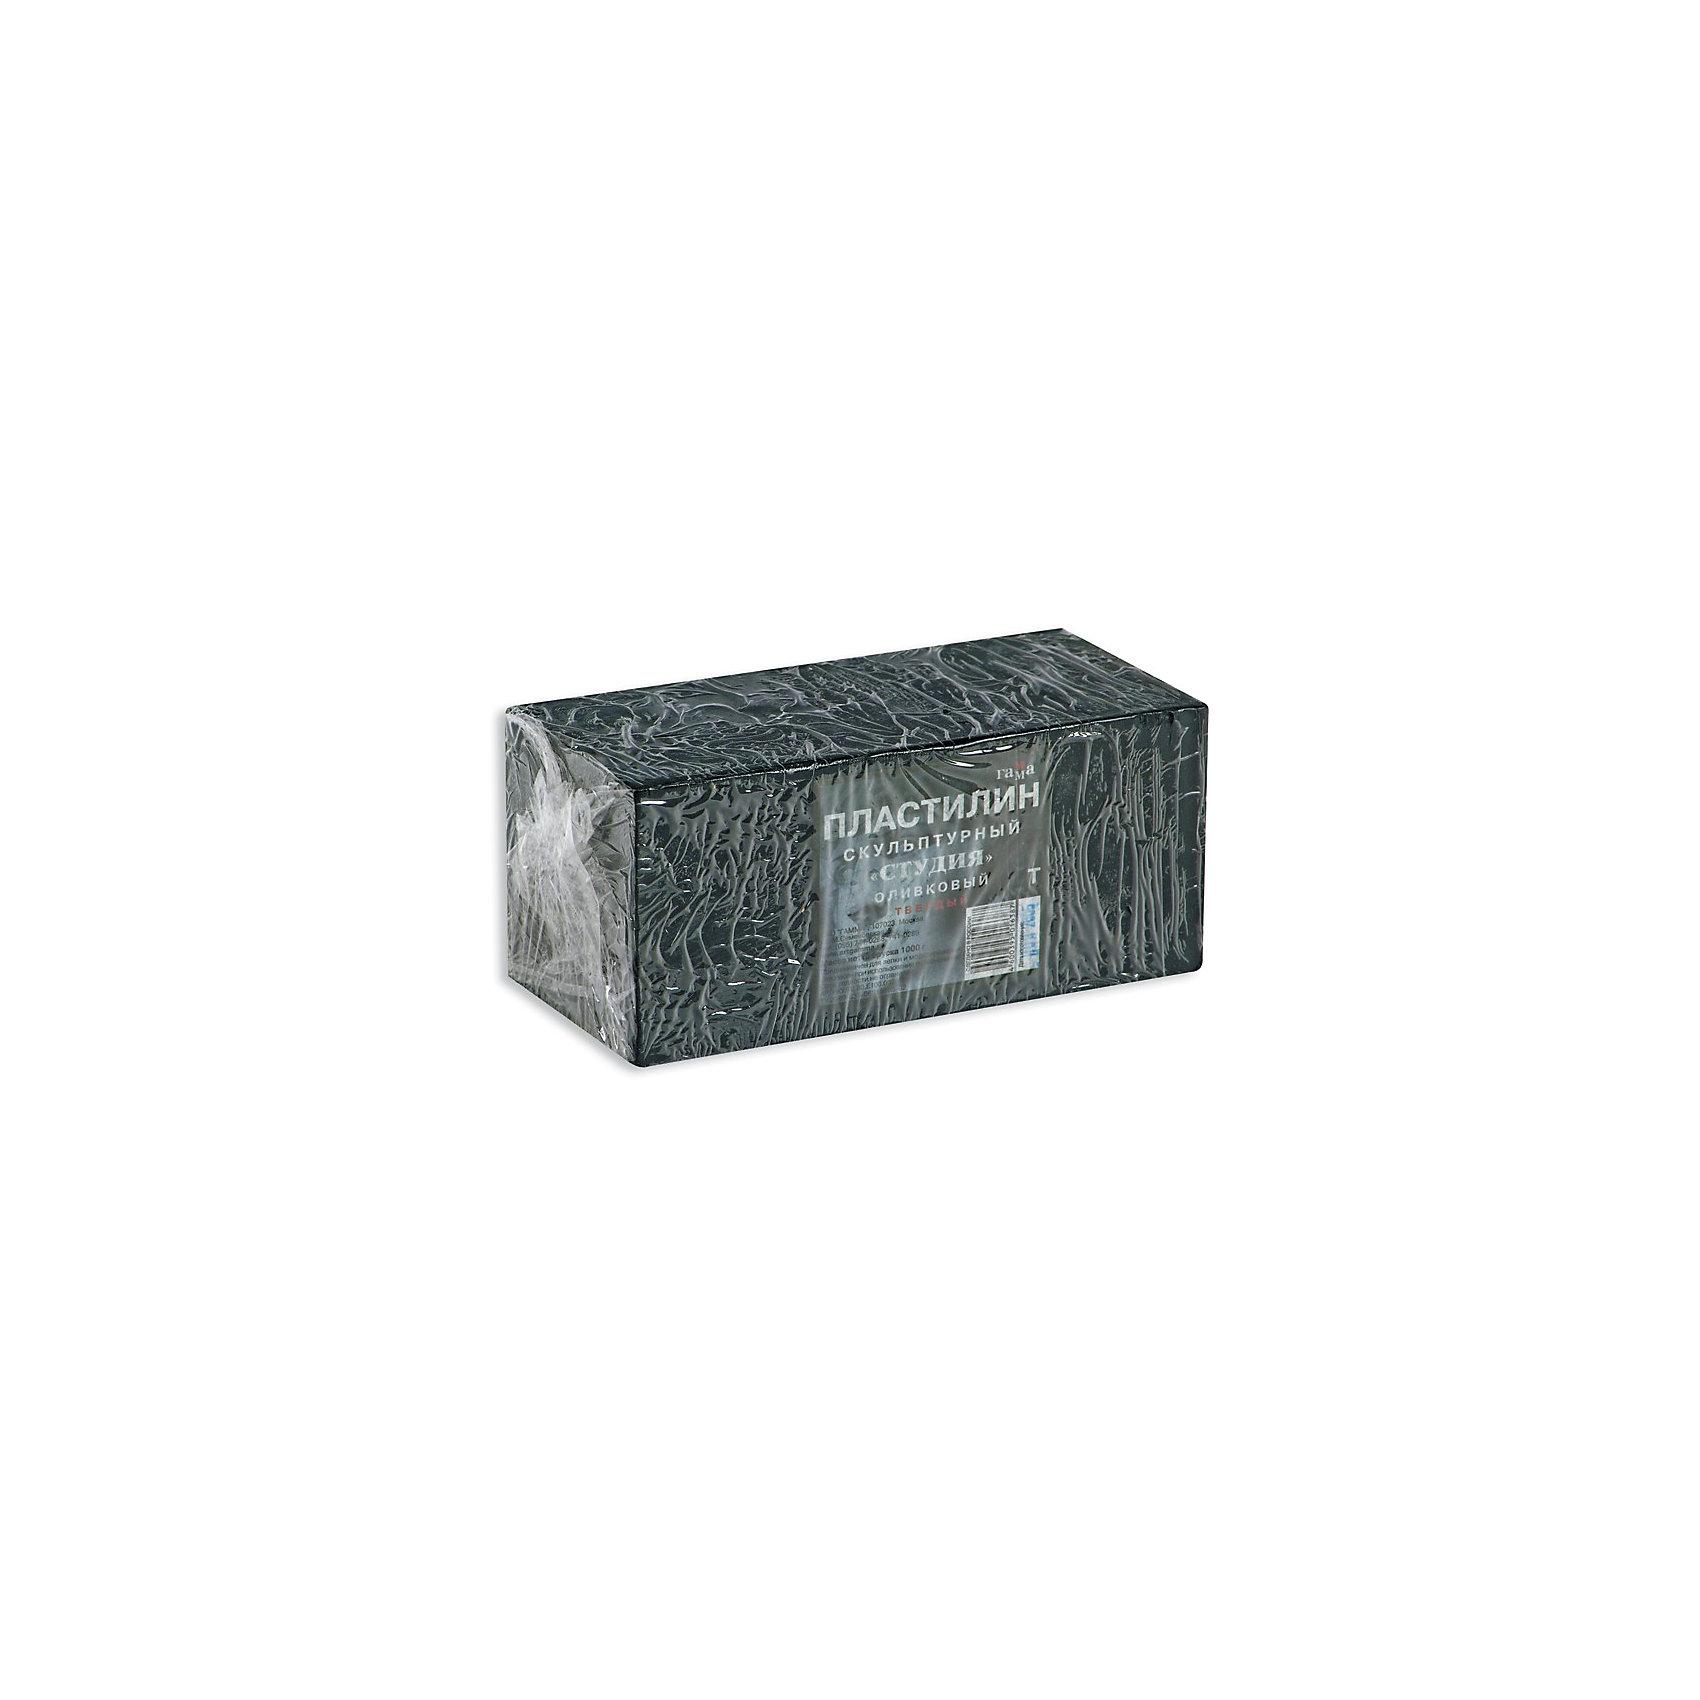 Пластилин скульптурный оливковый 1 кг, твердый ГаммаРисование и лепка<br>Характеристики:<br><br>• возраст: от 7 лет<br>• цвет: оливковый<br>• твердый<br>• вес: 1 кг.<br>• упаковка: пленка<br>• размер упаковки: 10,1х20,4х3,2 см.<br><br>Твердый скульптурный пластилин предназначен для любительских и профессиональных скульптурных работ. Сохраняя все достоинства традиционного пластилина, он пластичен в процессе моделирования и при этом идеально держит форму, что позволяет создавать из него небольшие предметы, в которых требуется очень тонкая и четкая проработка формы.<br><br>Пластилин изготовлен из воскообразной массы с добавлением минеральных пигментов и наполнителей. Устойчив к температурным изменениям.<br><br>Пластилин скульптурный оливковый 1 кг, твердый Гамма можно купить в нашем интернет-магазине.<br><br>Ширина мм: 240<br>Глубина мм: 120<br>Высота мм: 40<br>Вес г: 1010<br>Возраст от месяцев: 84<br>Возраст до месяцев: 2147483647<br>Пол: Унисекс<br>Возраст: Детский<br>SKU: 7010510